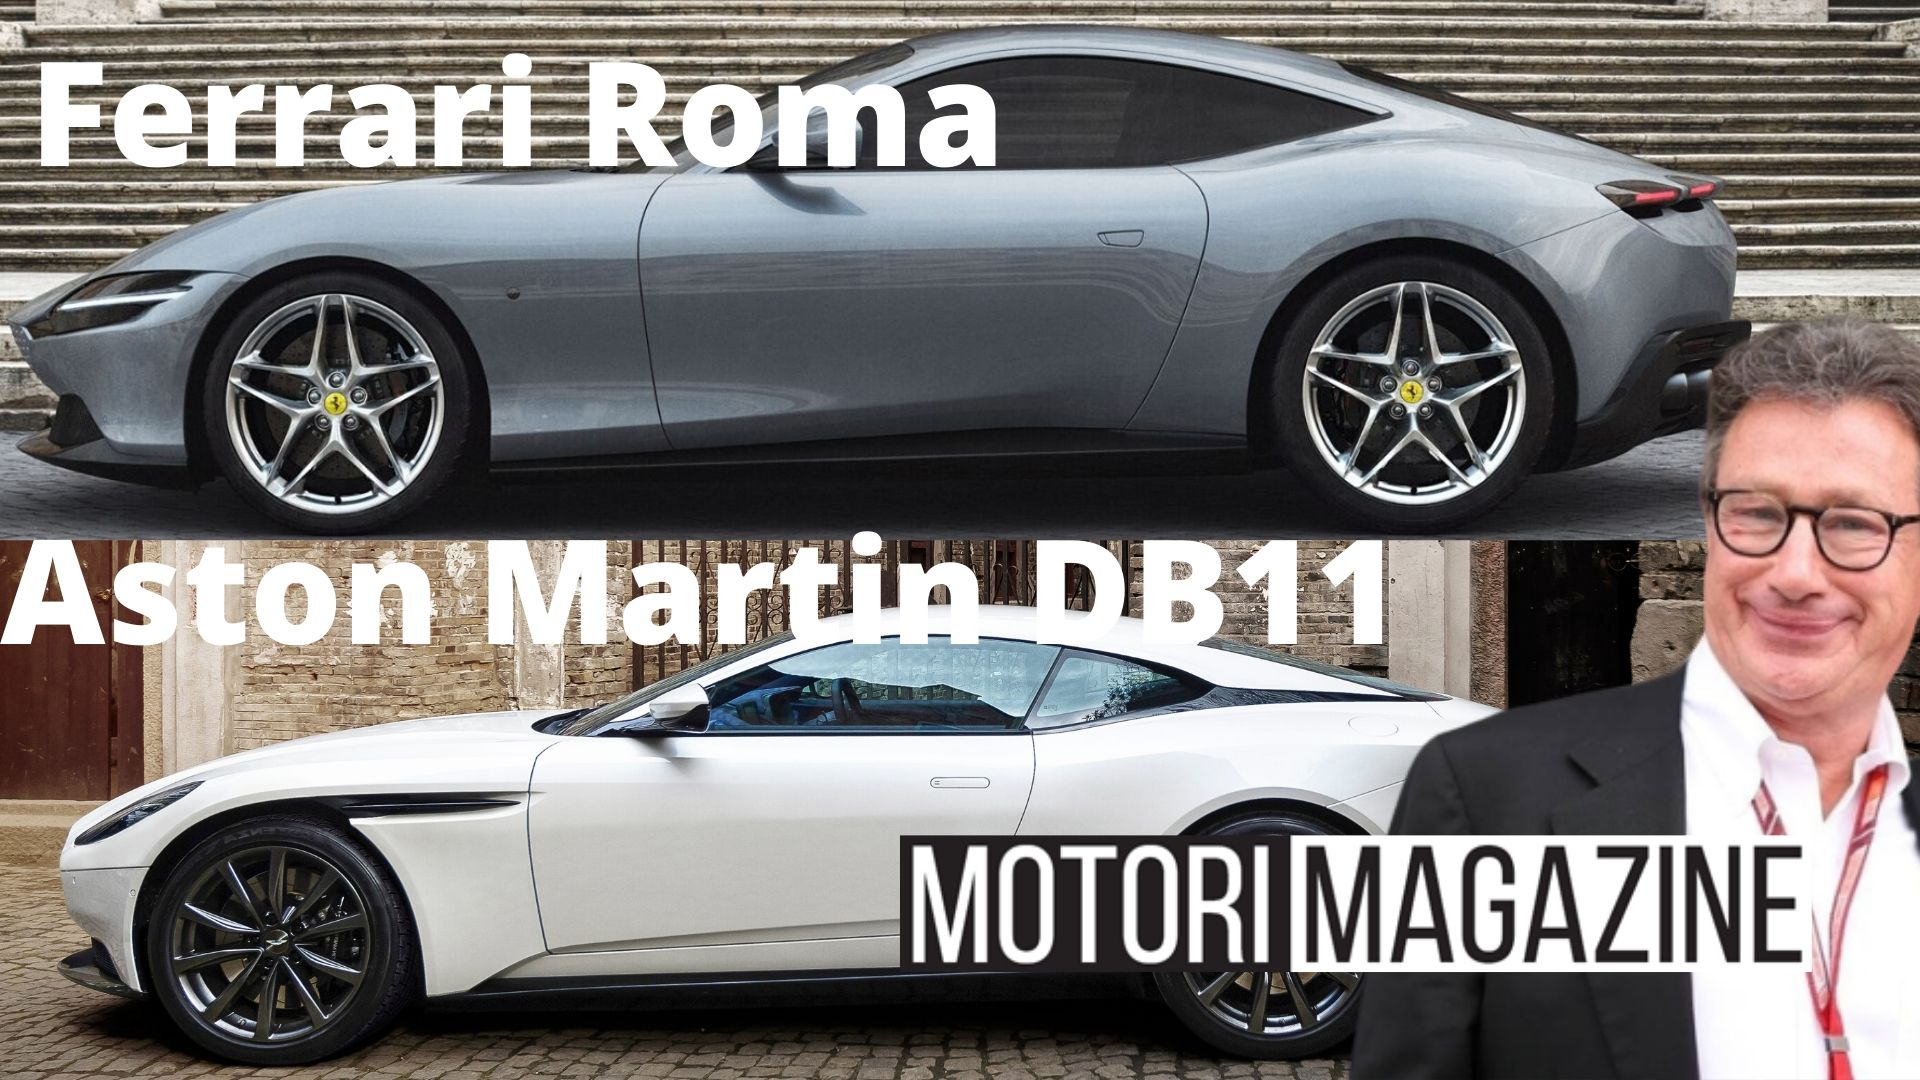 Ferrari Roma giornalisti, verità e bugie sul flop